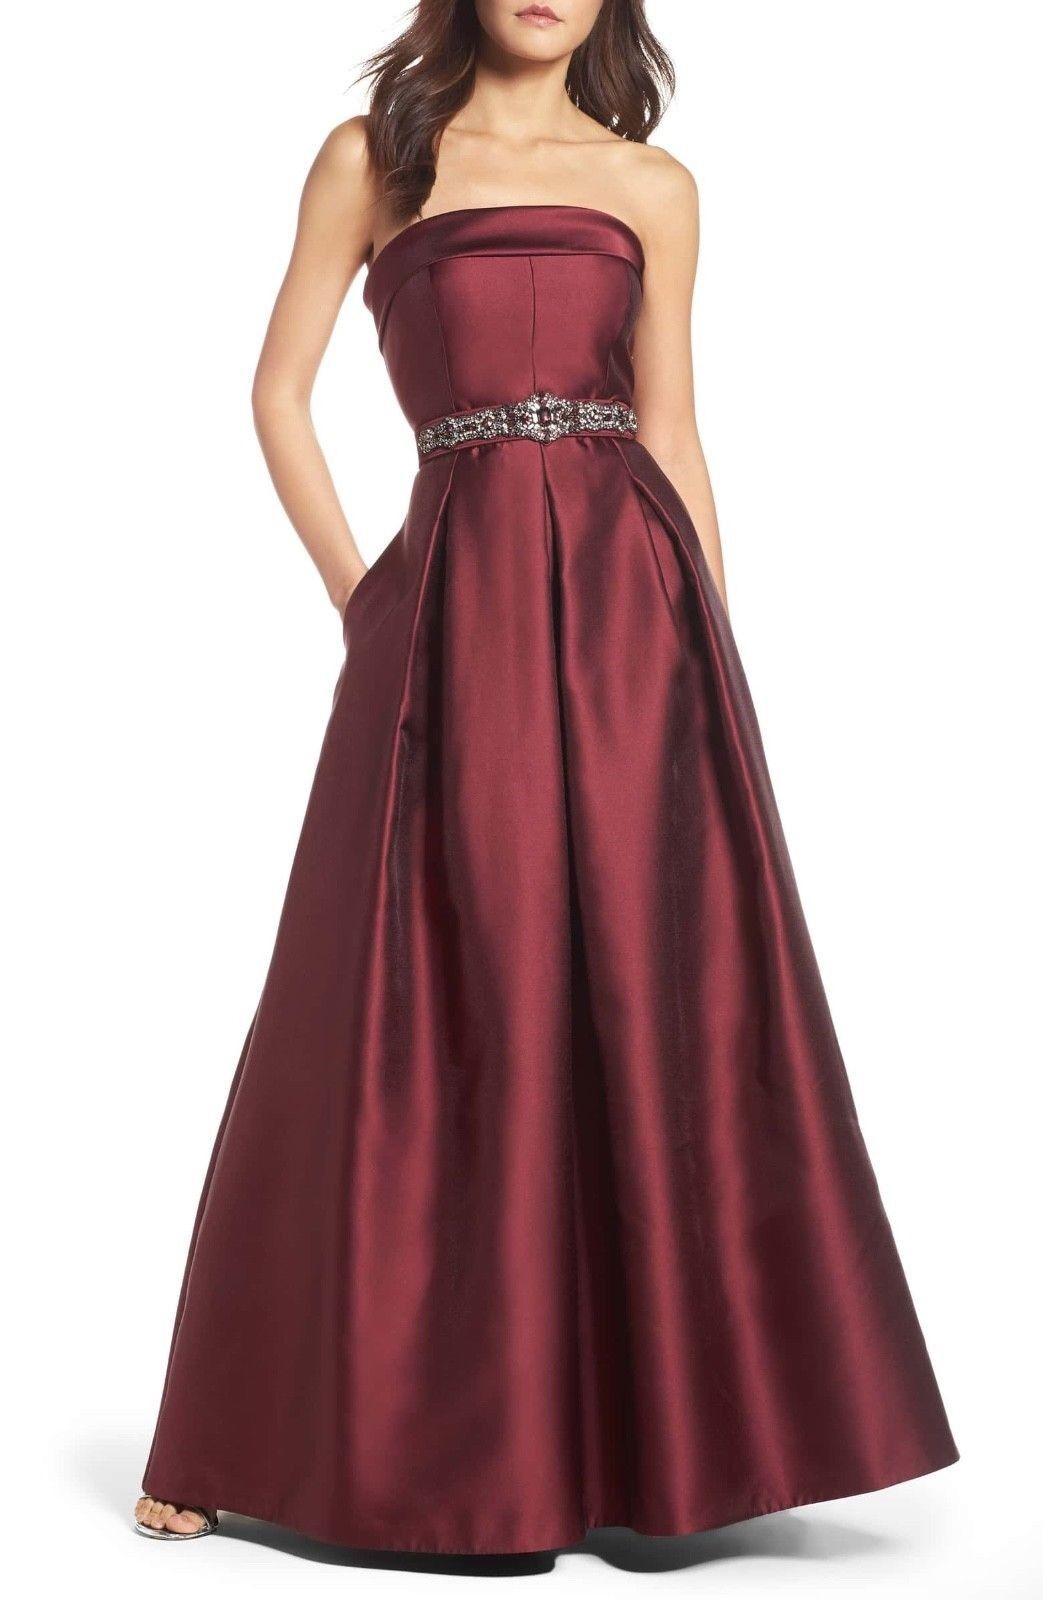 ELIZA J Embellished Belt Belt Belt Strapless Red Burgundy Ball Gown Dress Size 10 de4f5b